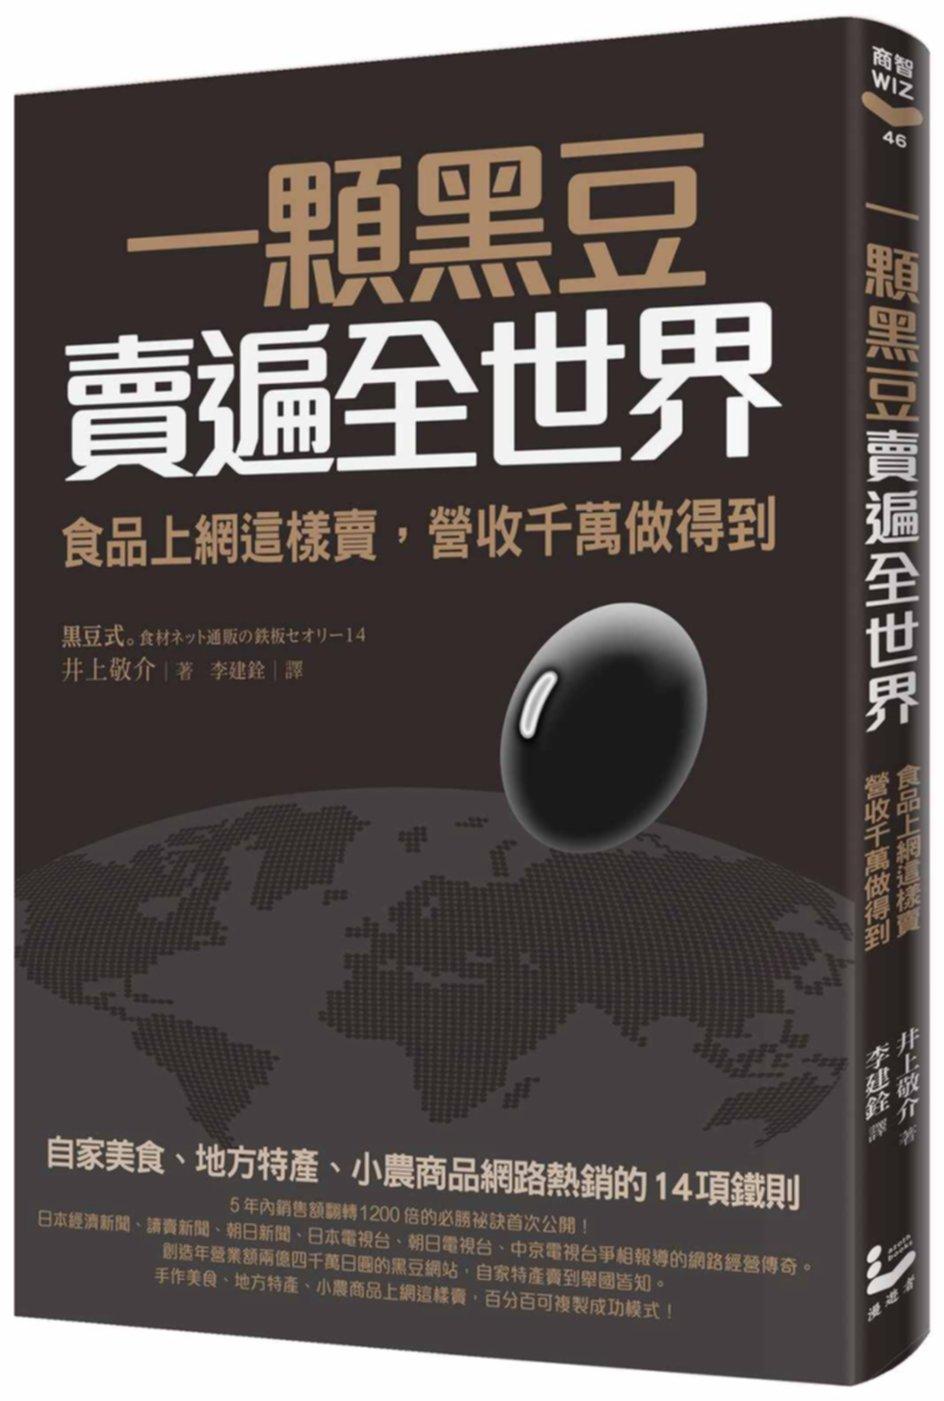 一顆黑豆賣遍全世界,食品上網這樣賣,營收千萬做得到:自家美食、地方特產、小農商品網路熱銷的14項鐵則